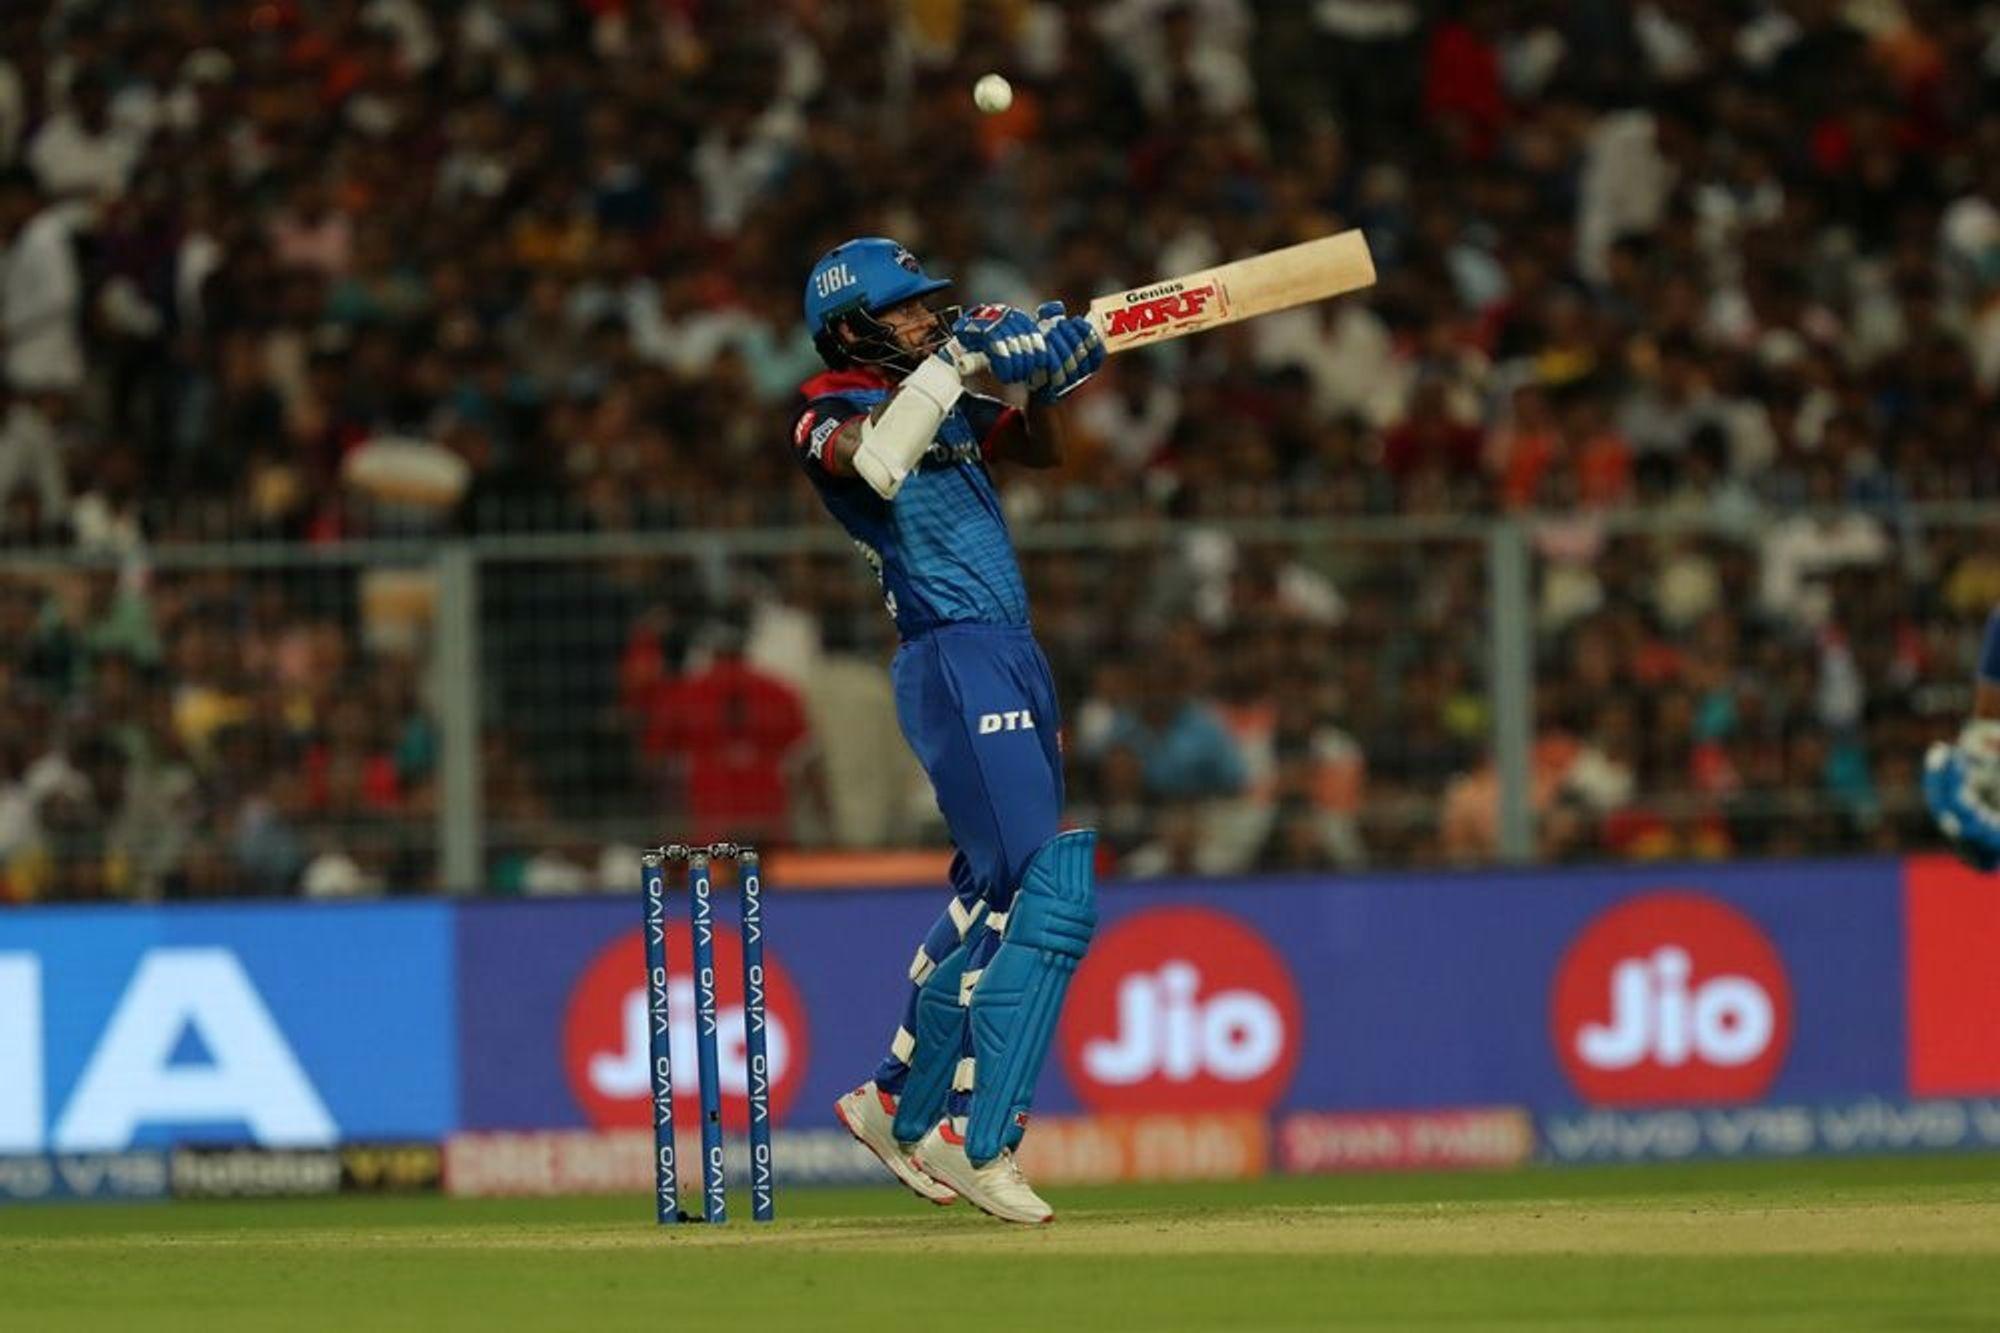 दिल्लीचा सलामीवीर शिखर धवनने अजूनही टी20 मध्ये शतक केलेले नाही. आयपीएल मध्ये तीन वेळा तर आंतरराष्ट्रीय क्रिकेटमध्ये दोन वेळा 90 पेक्षा जास्त धावा केल्या आहेत.